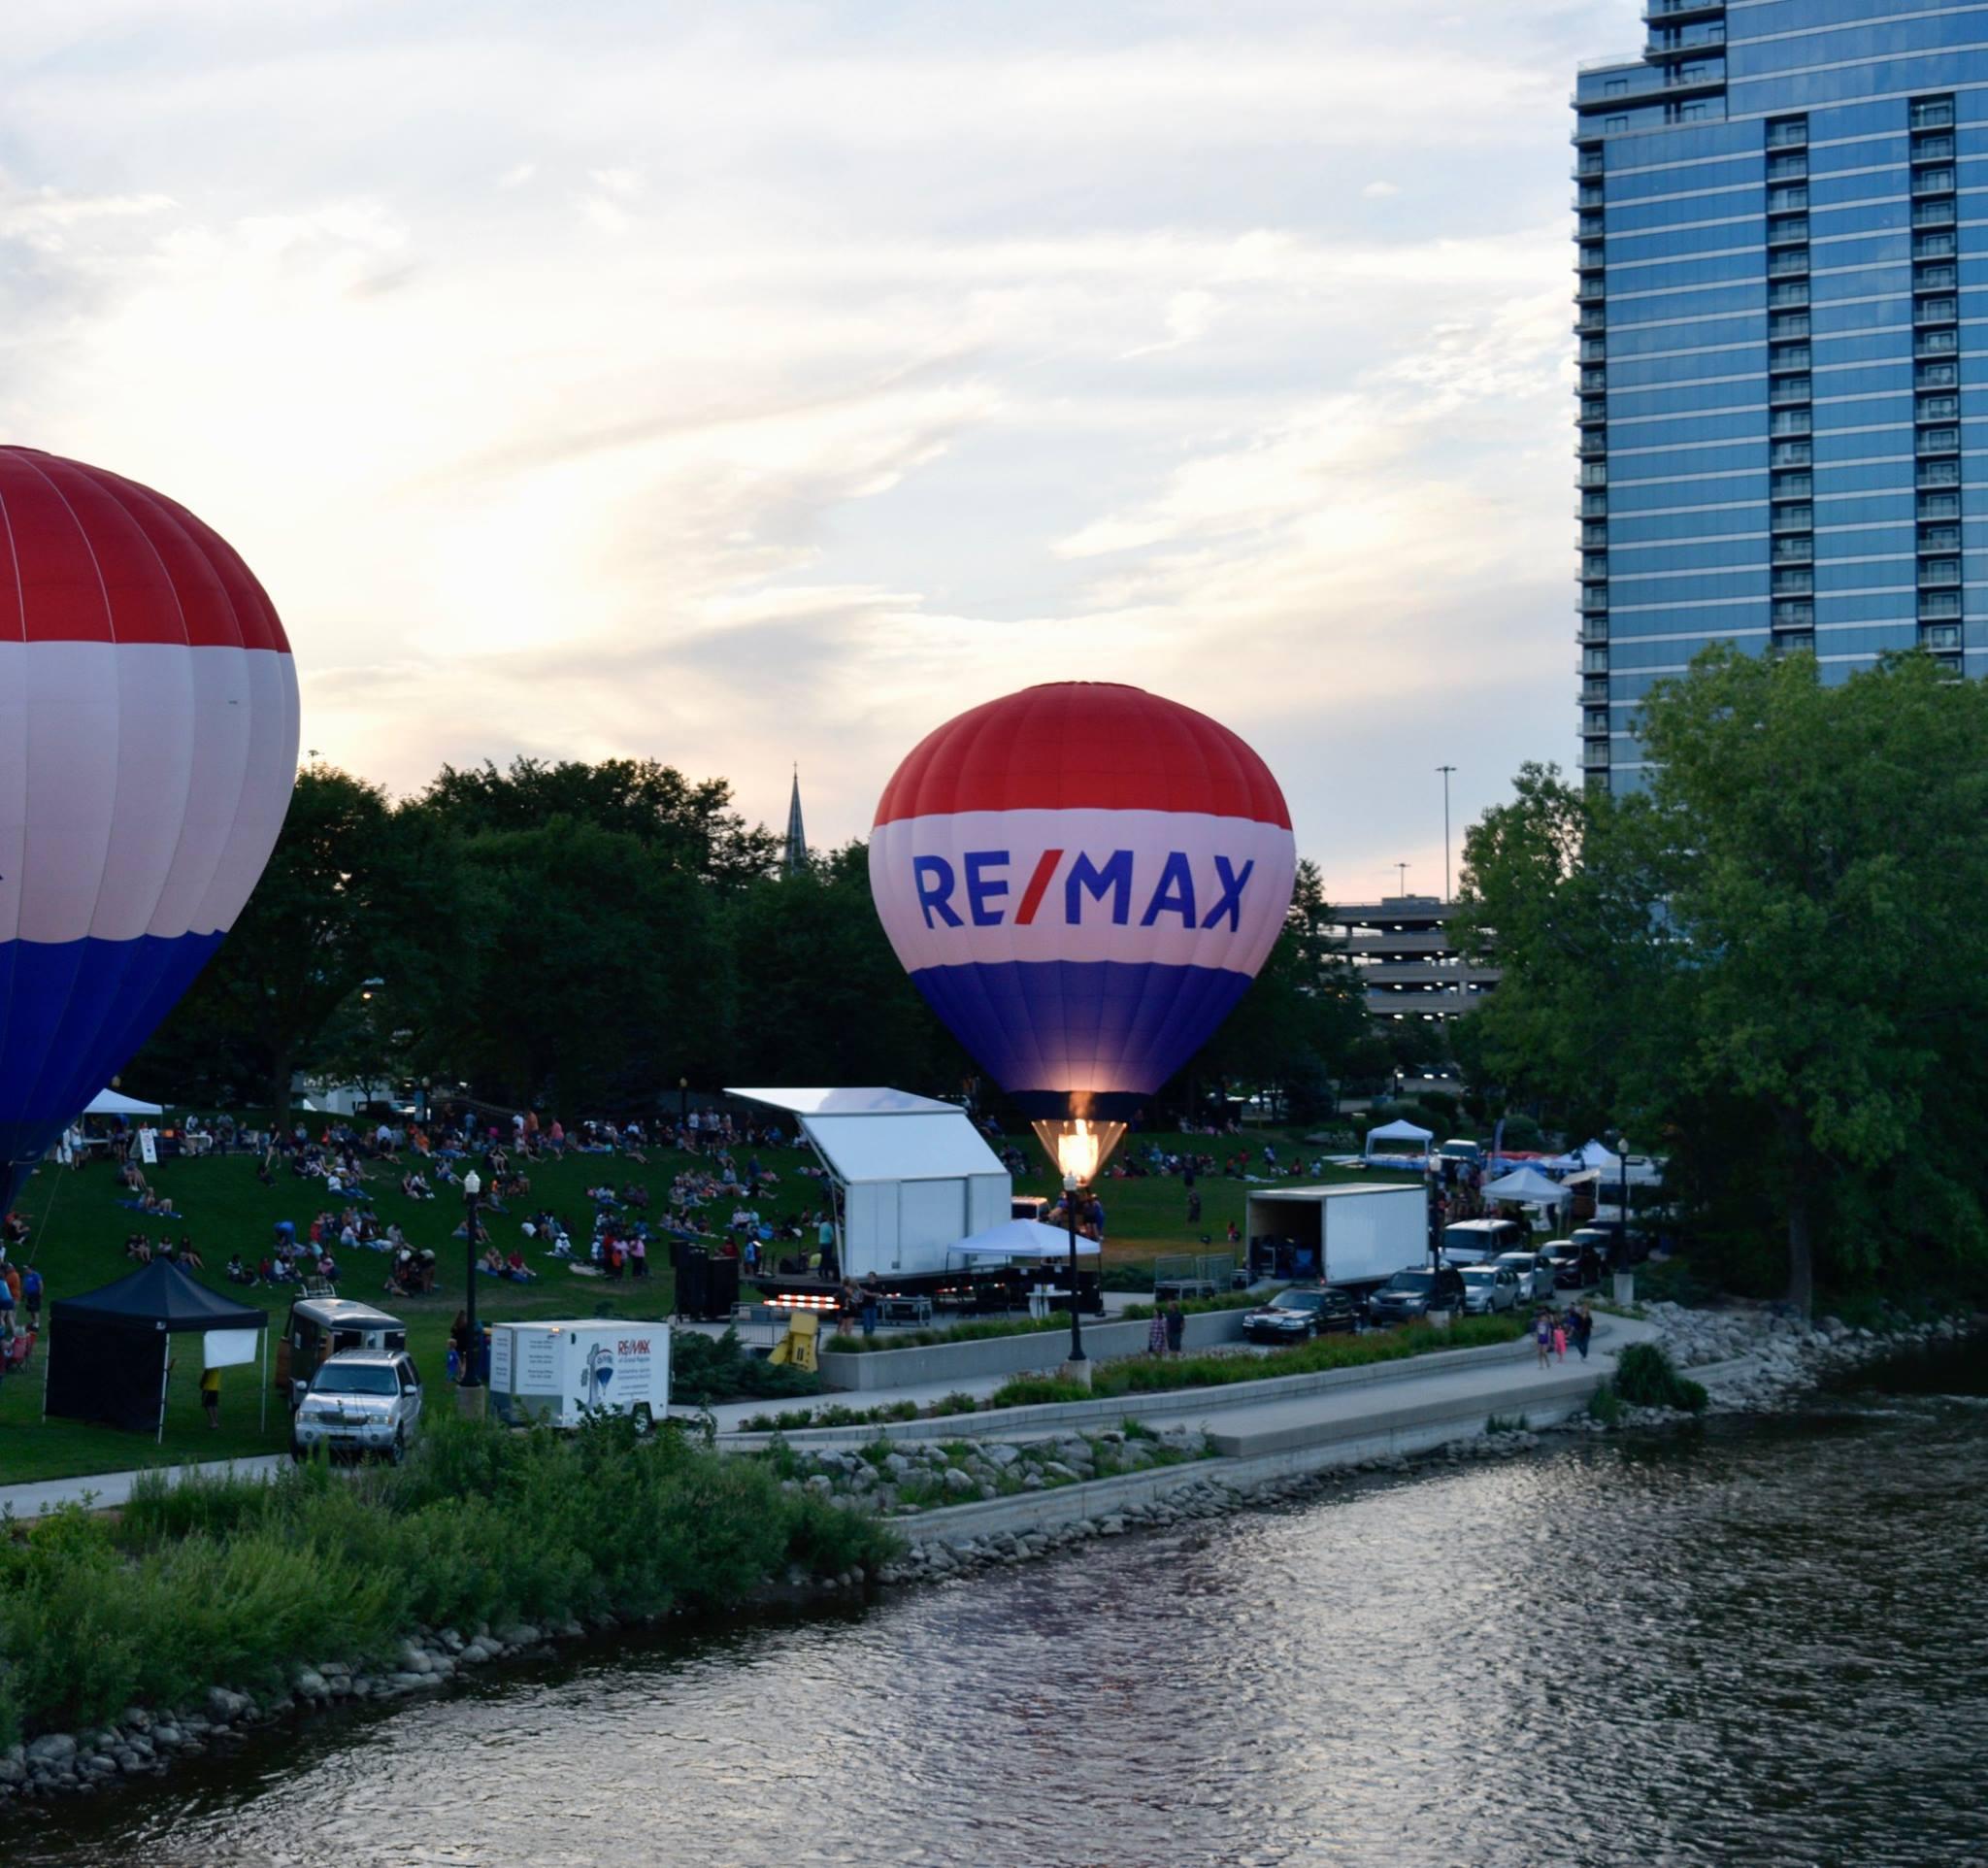 Grand Rapids Balloon Festival Picnic in the Park